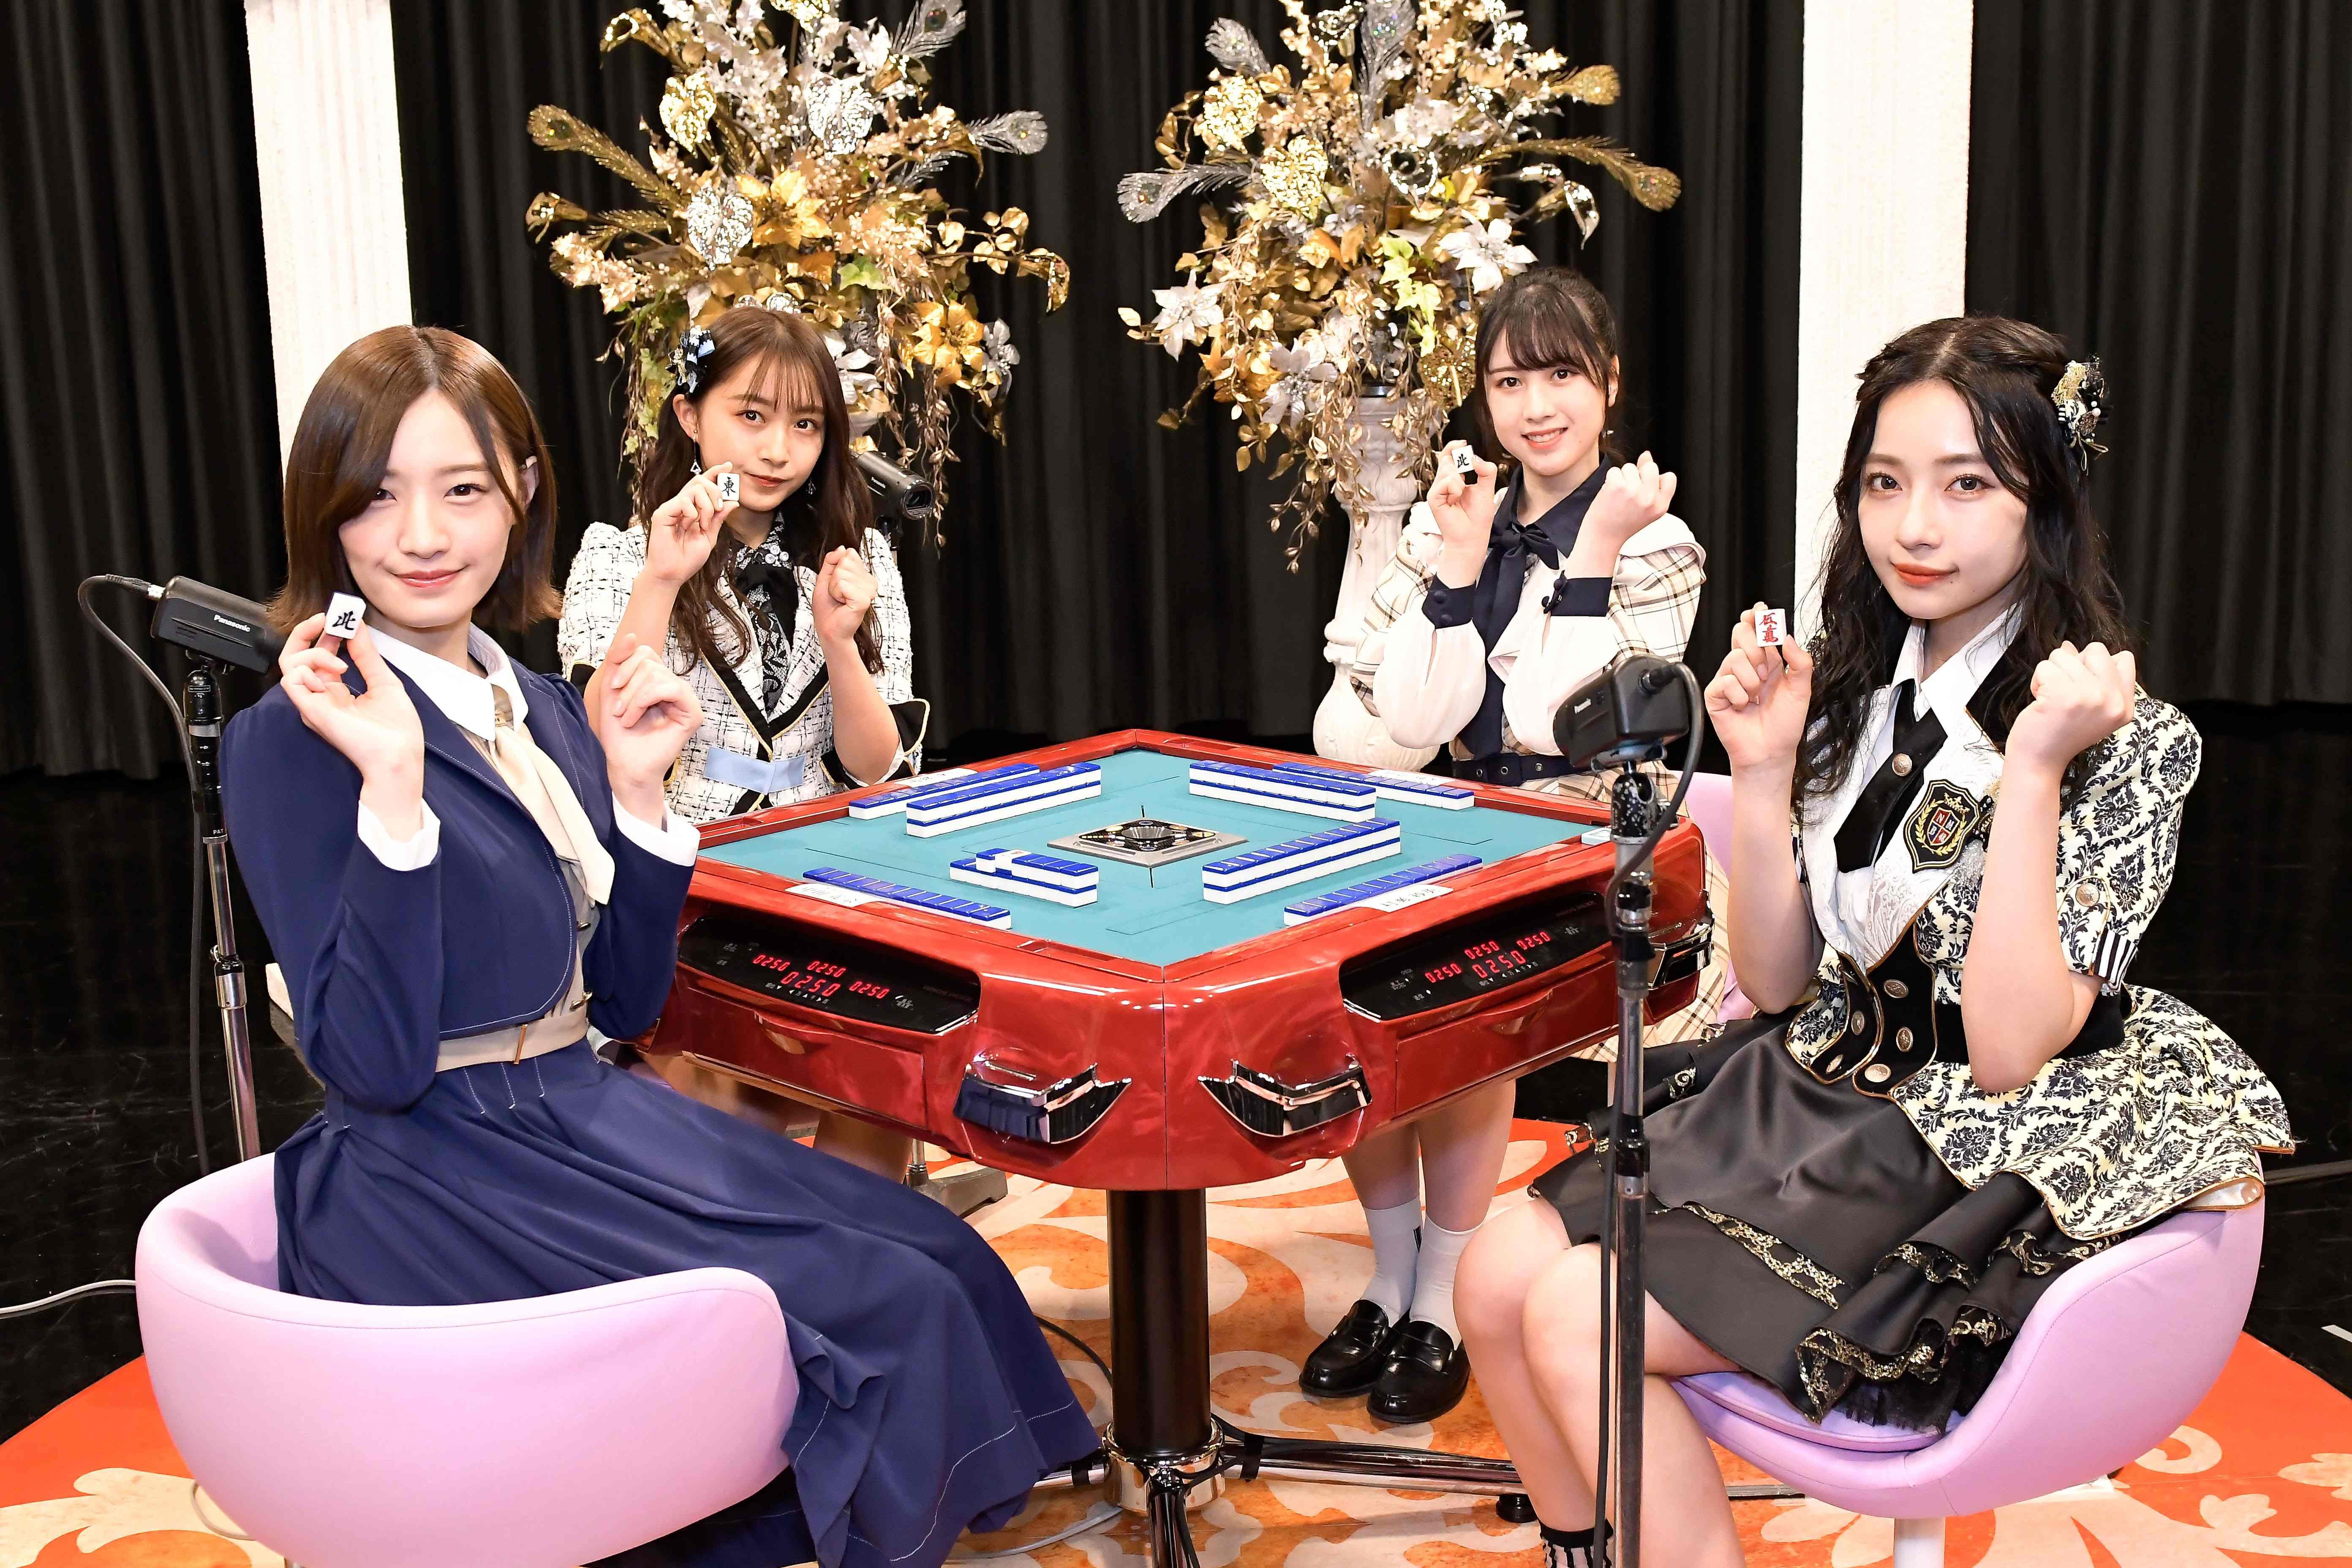 中田花奈(乃木坂46)、山本彩加(NMB48)、永野芹佳(AKB48)、村瀬紗英(NMB48)